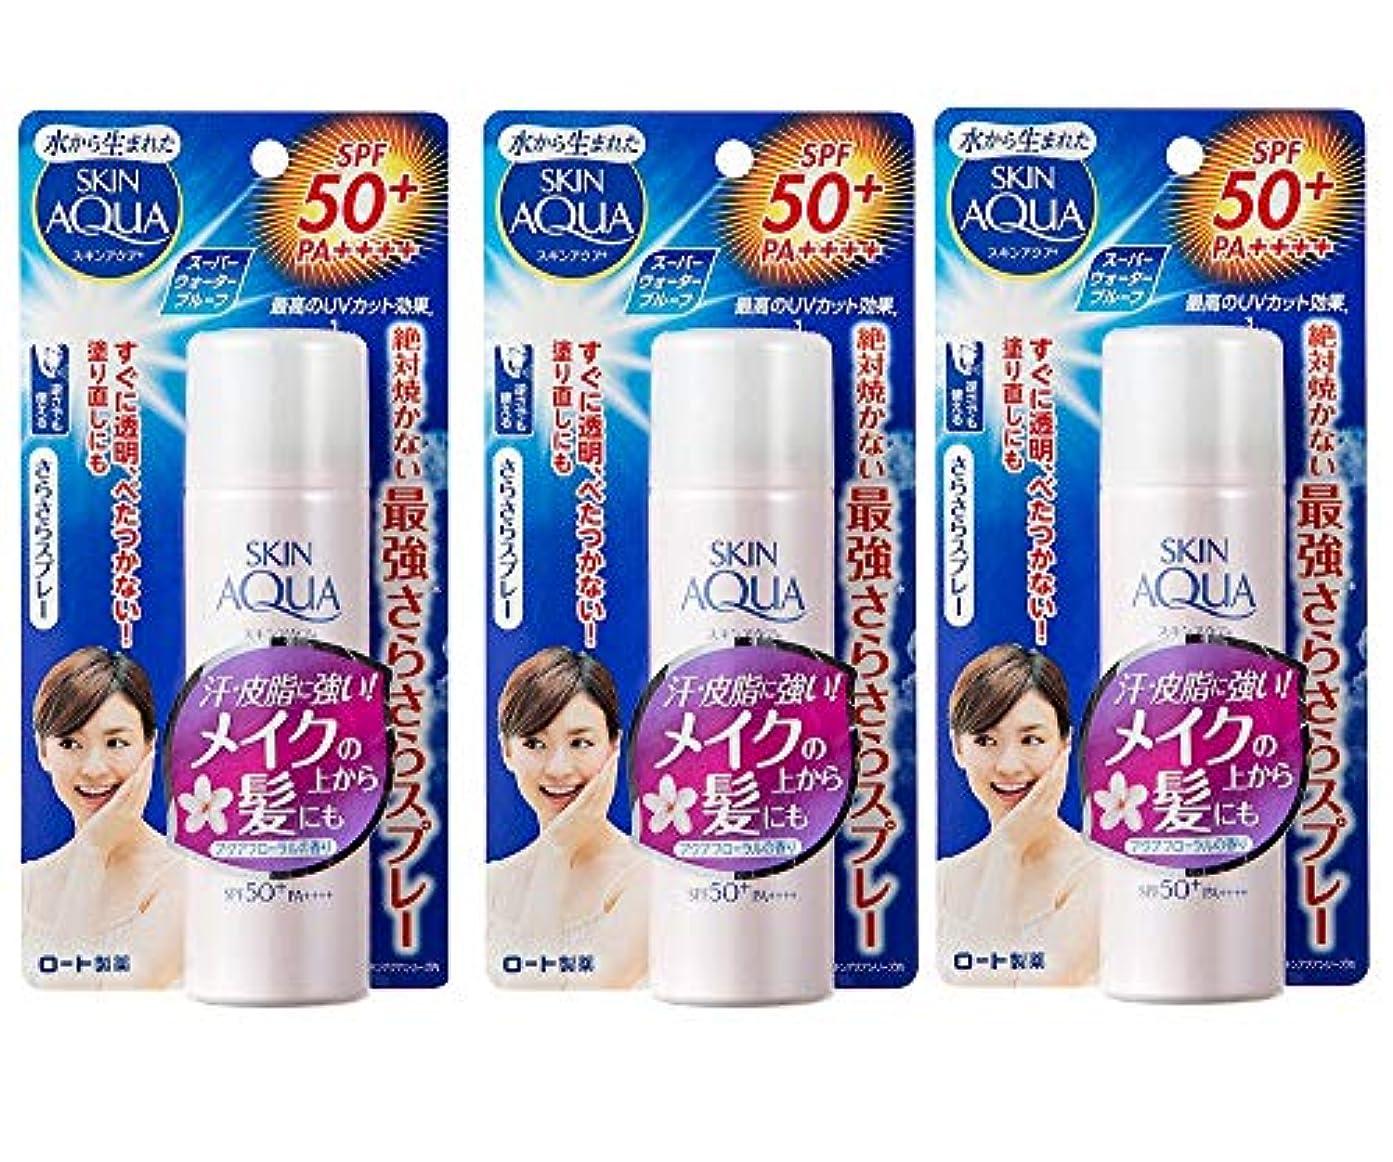 上院立法案件(ロート)スキンアクア サラフィットUV さらさらスプレー(SPF50+/PA++++)アクアフローラルの香り50g(お買い得3個セット)